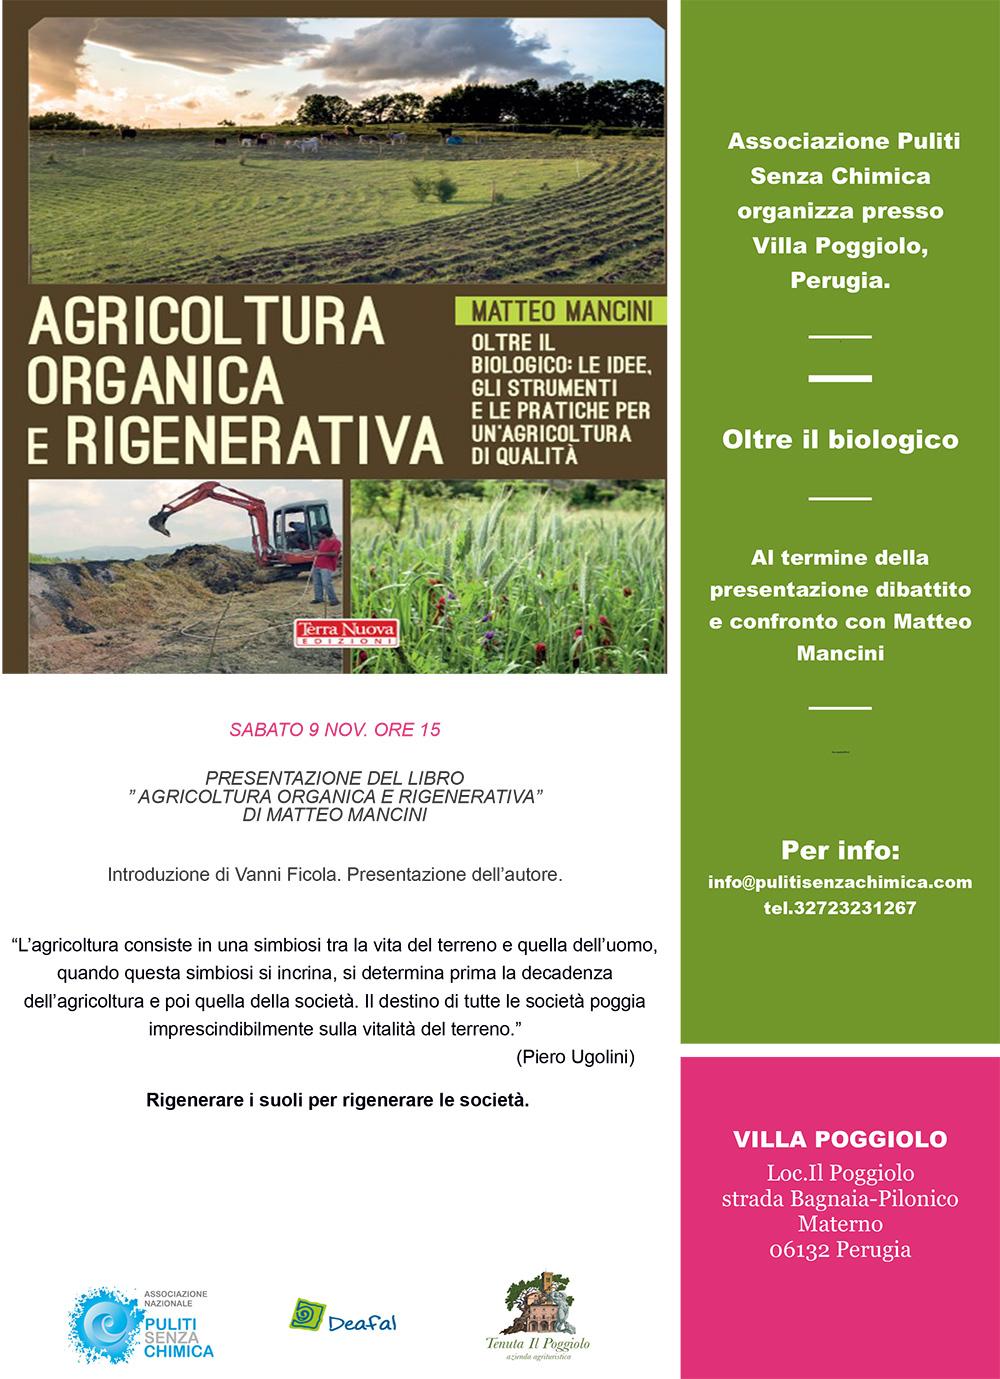 agricoltura organica rigenerativa